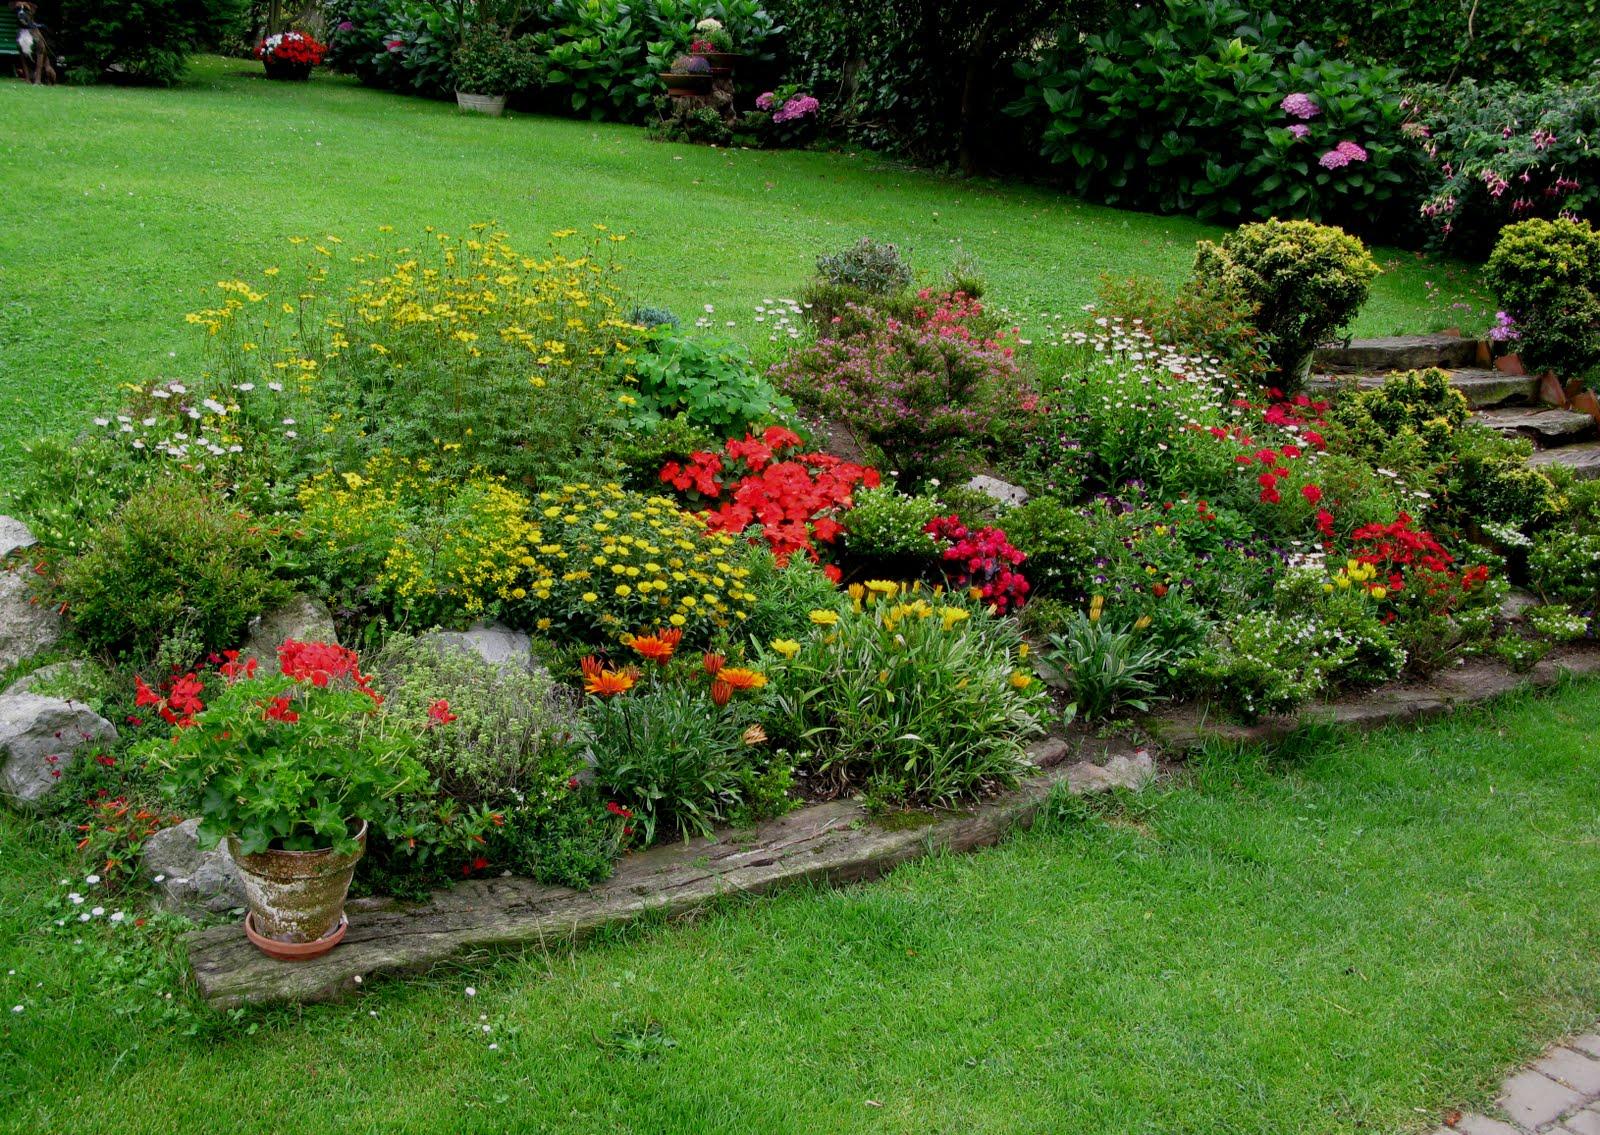 En tu jard n un jard n con alma for Como hacer un jardin rustico